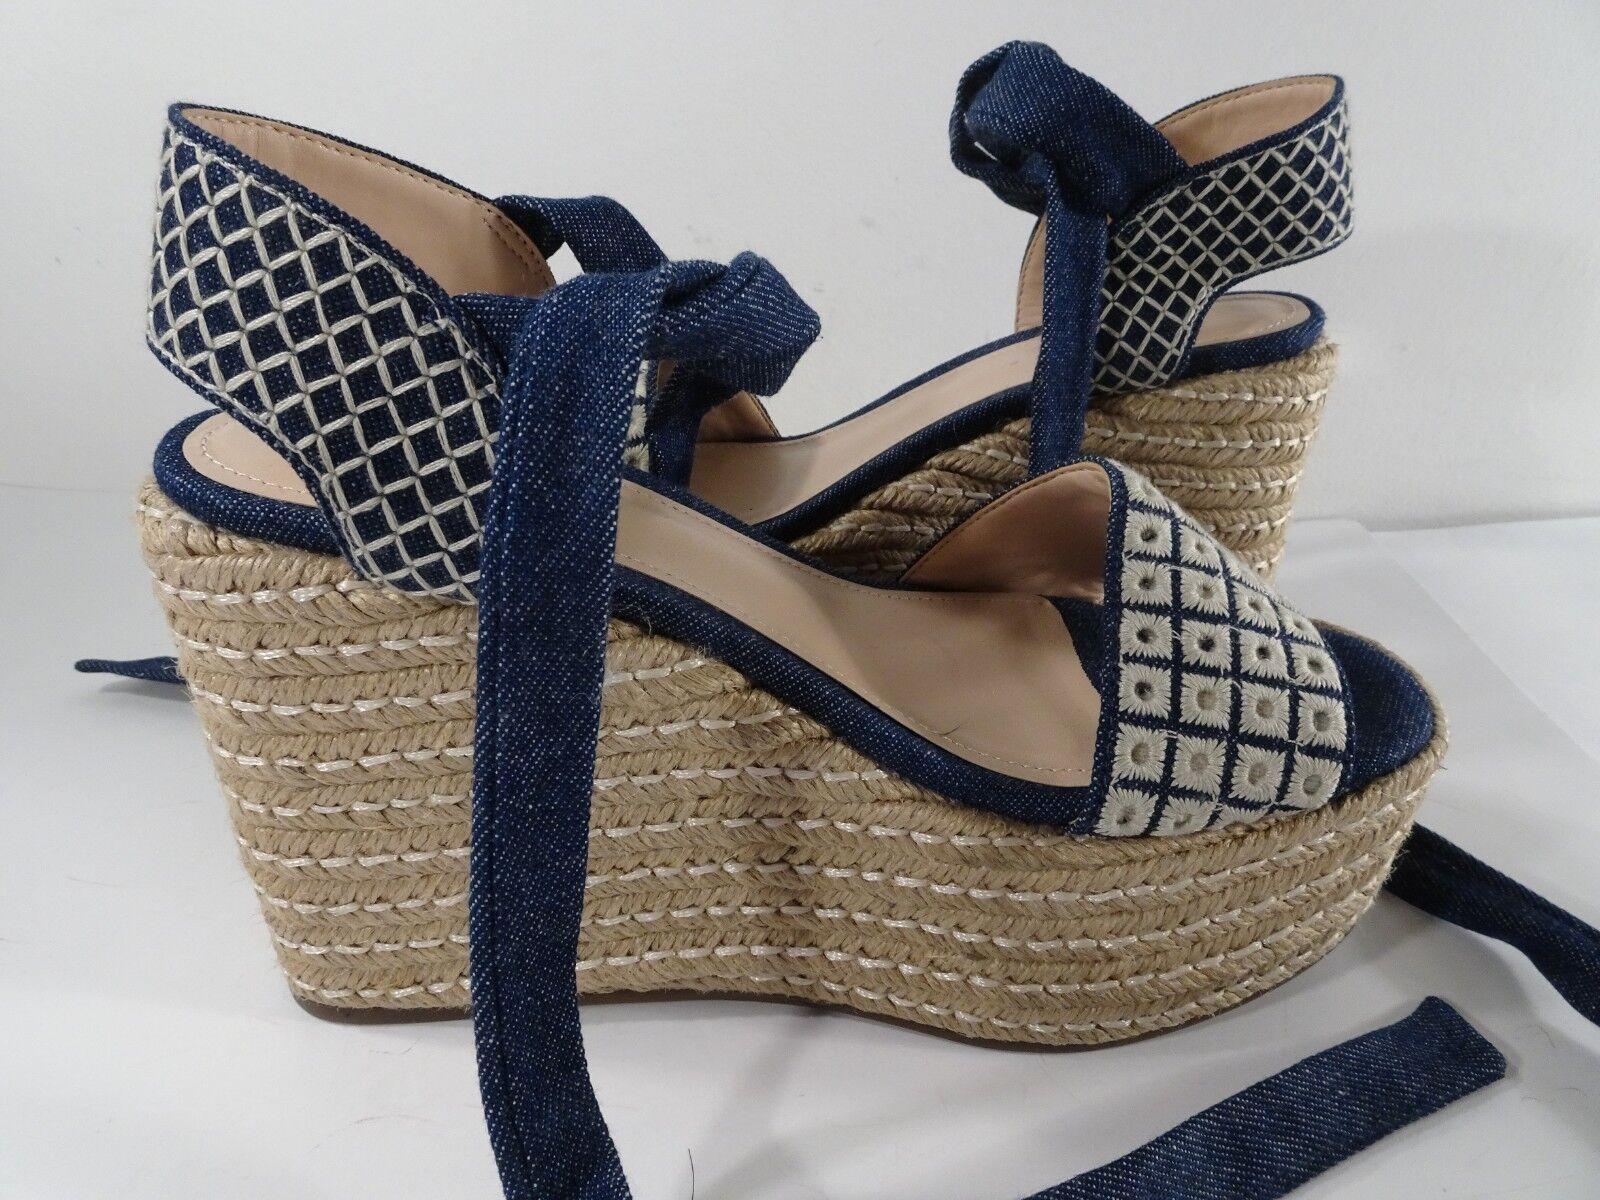 SCHUTZ Women's Electra Platform Denim Ankle Strap Wedge Sandals 9 NWOB 195